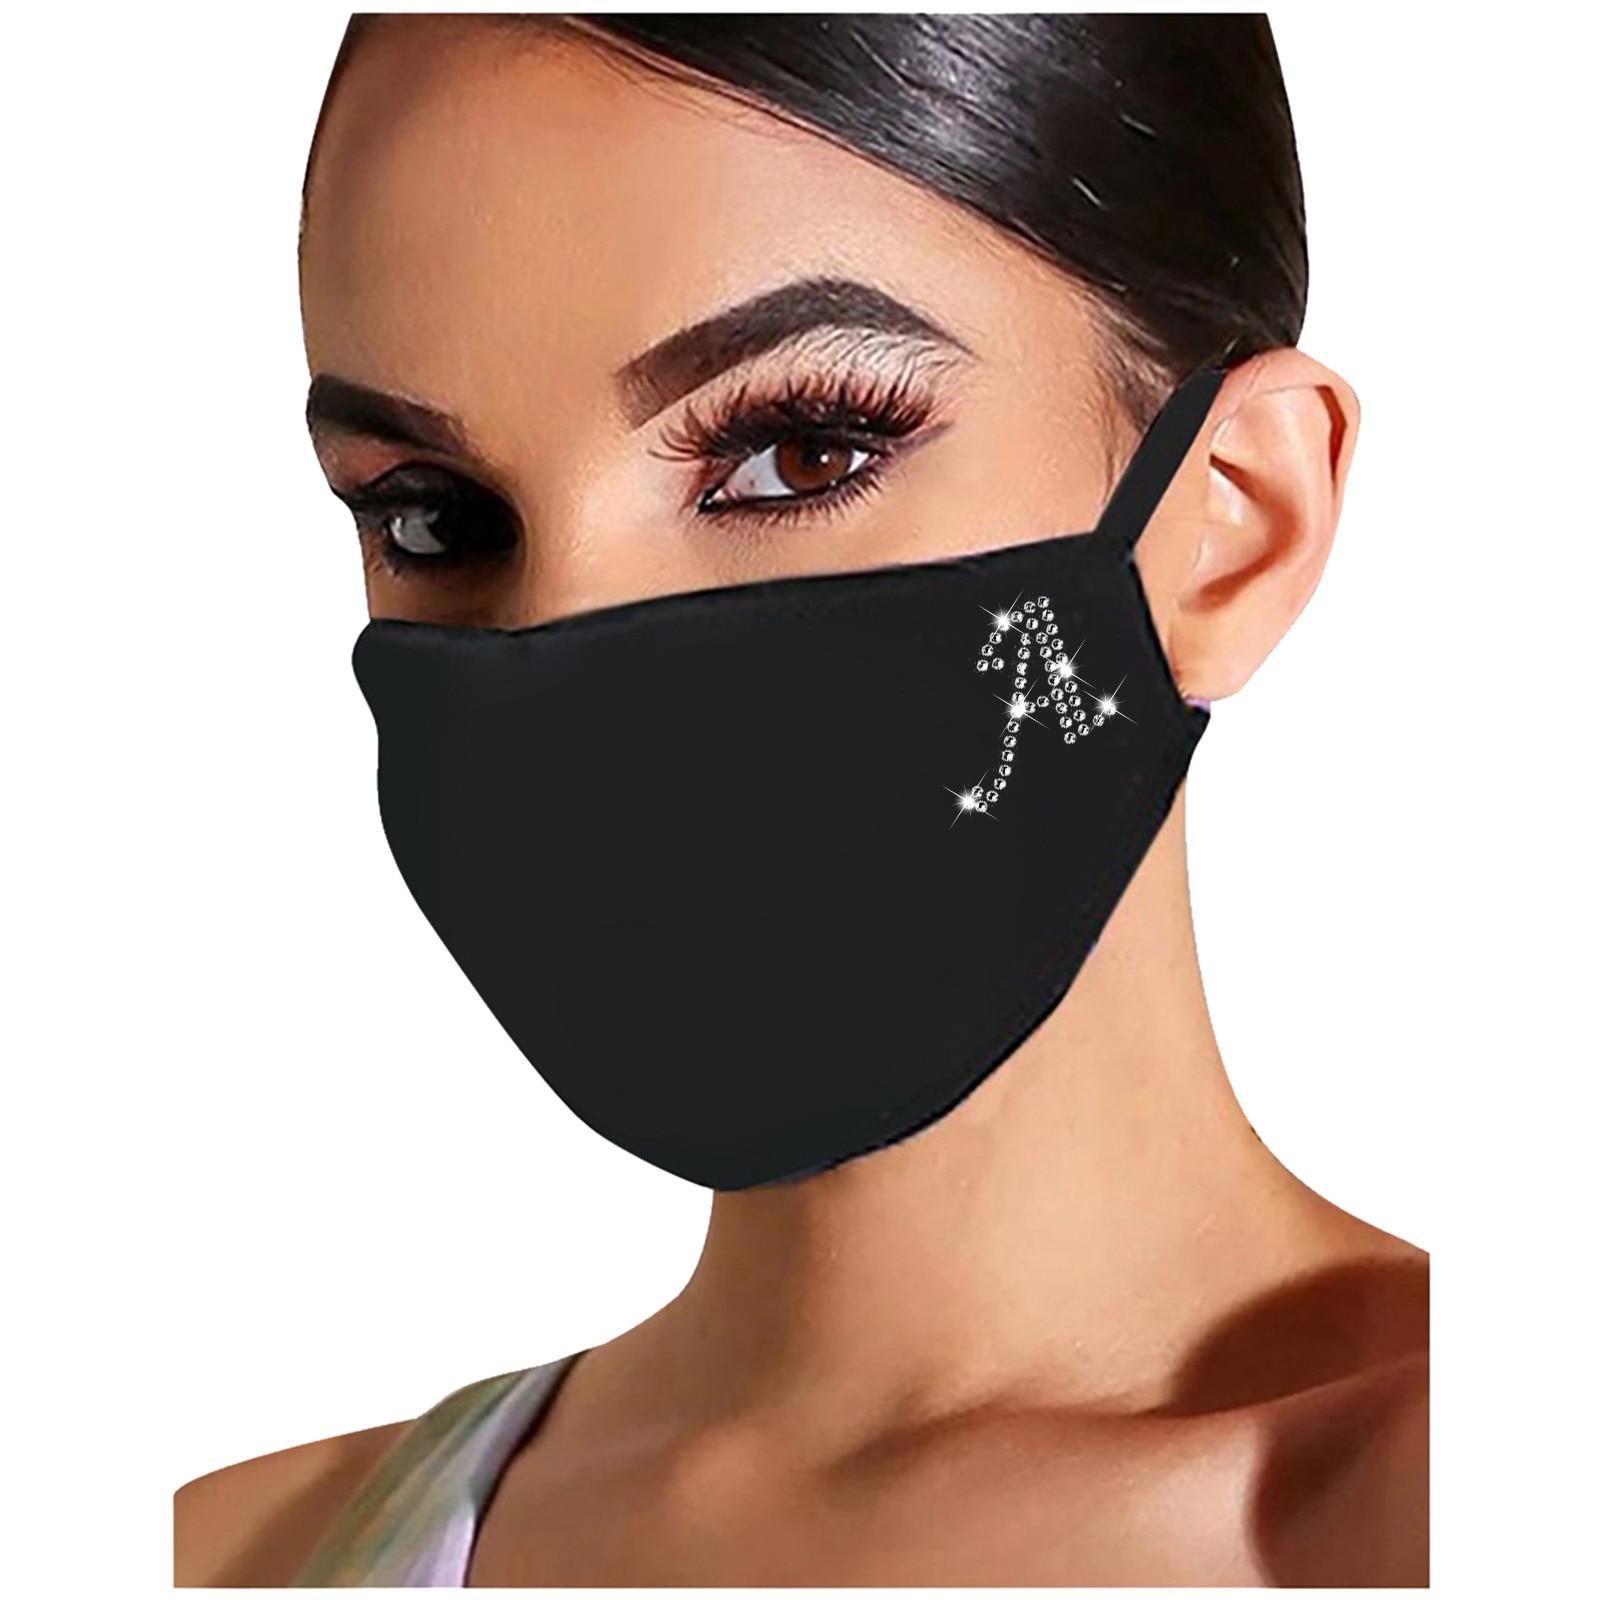 Новый Модный Блестящий со стразами маска для лица с буквенным принтом урегулирования [...] Bling Стразы Мода роскошный черный маска Вечерние об...